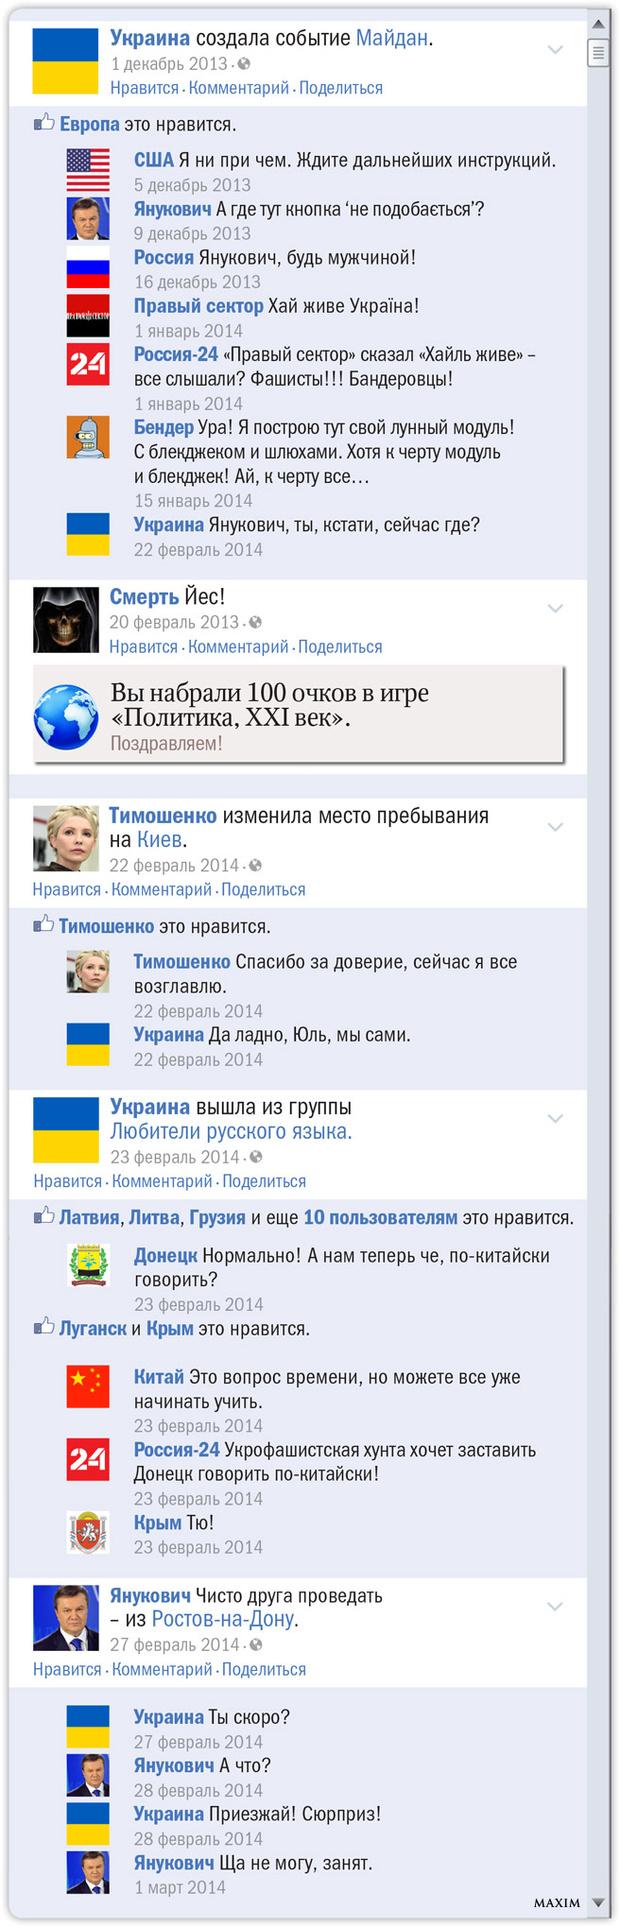 Конфликт России и Украины в Фейсбуке